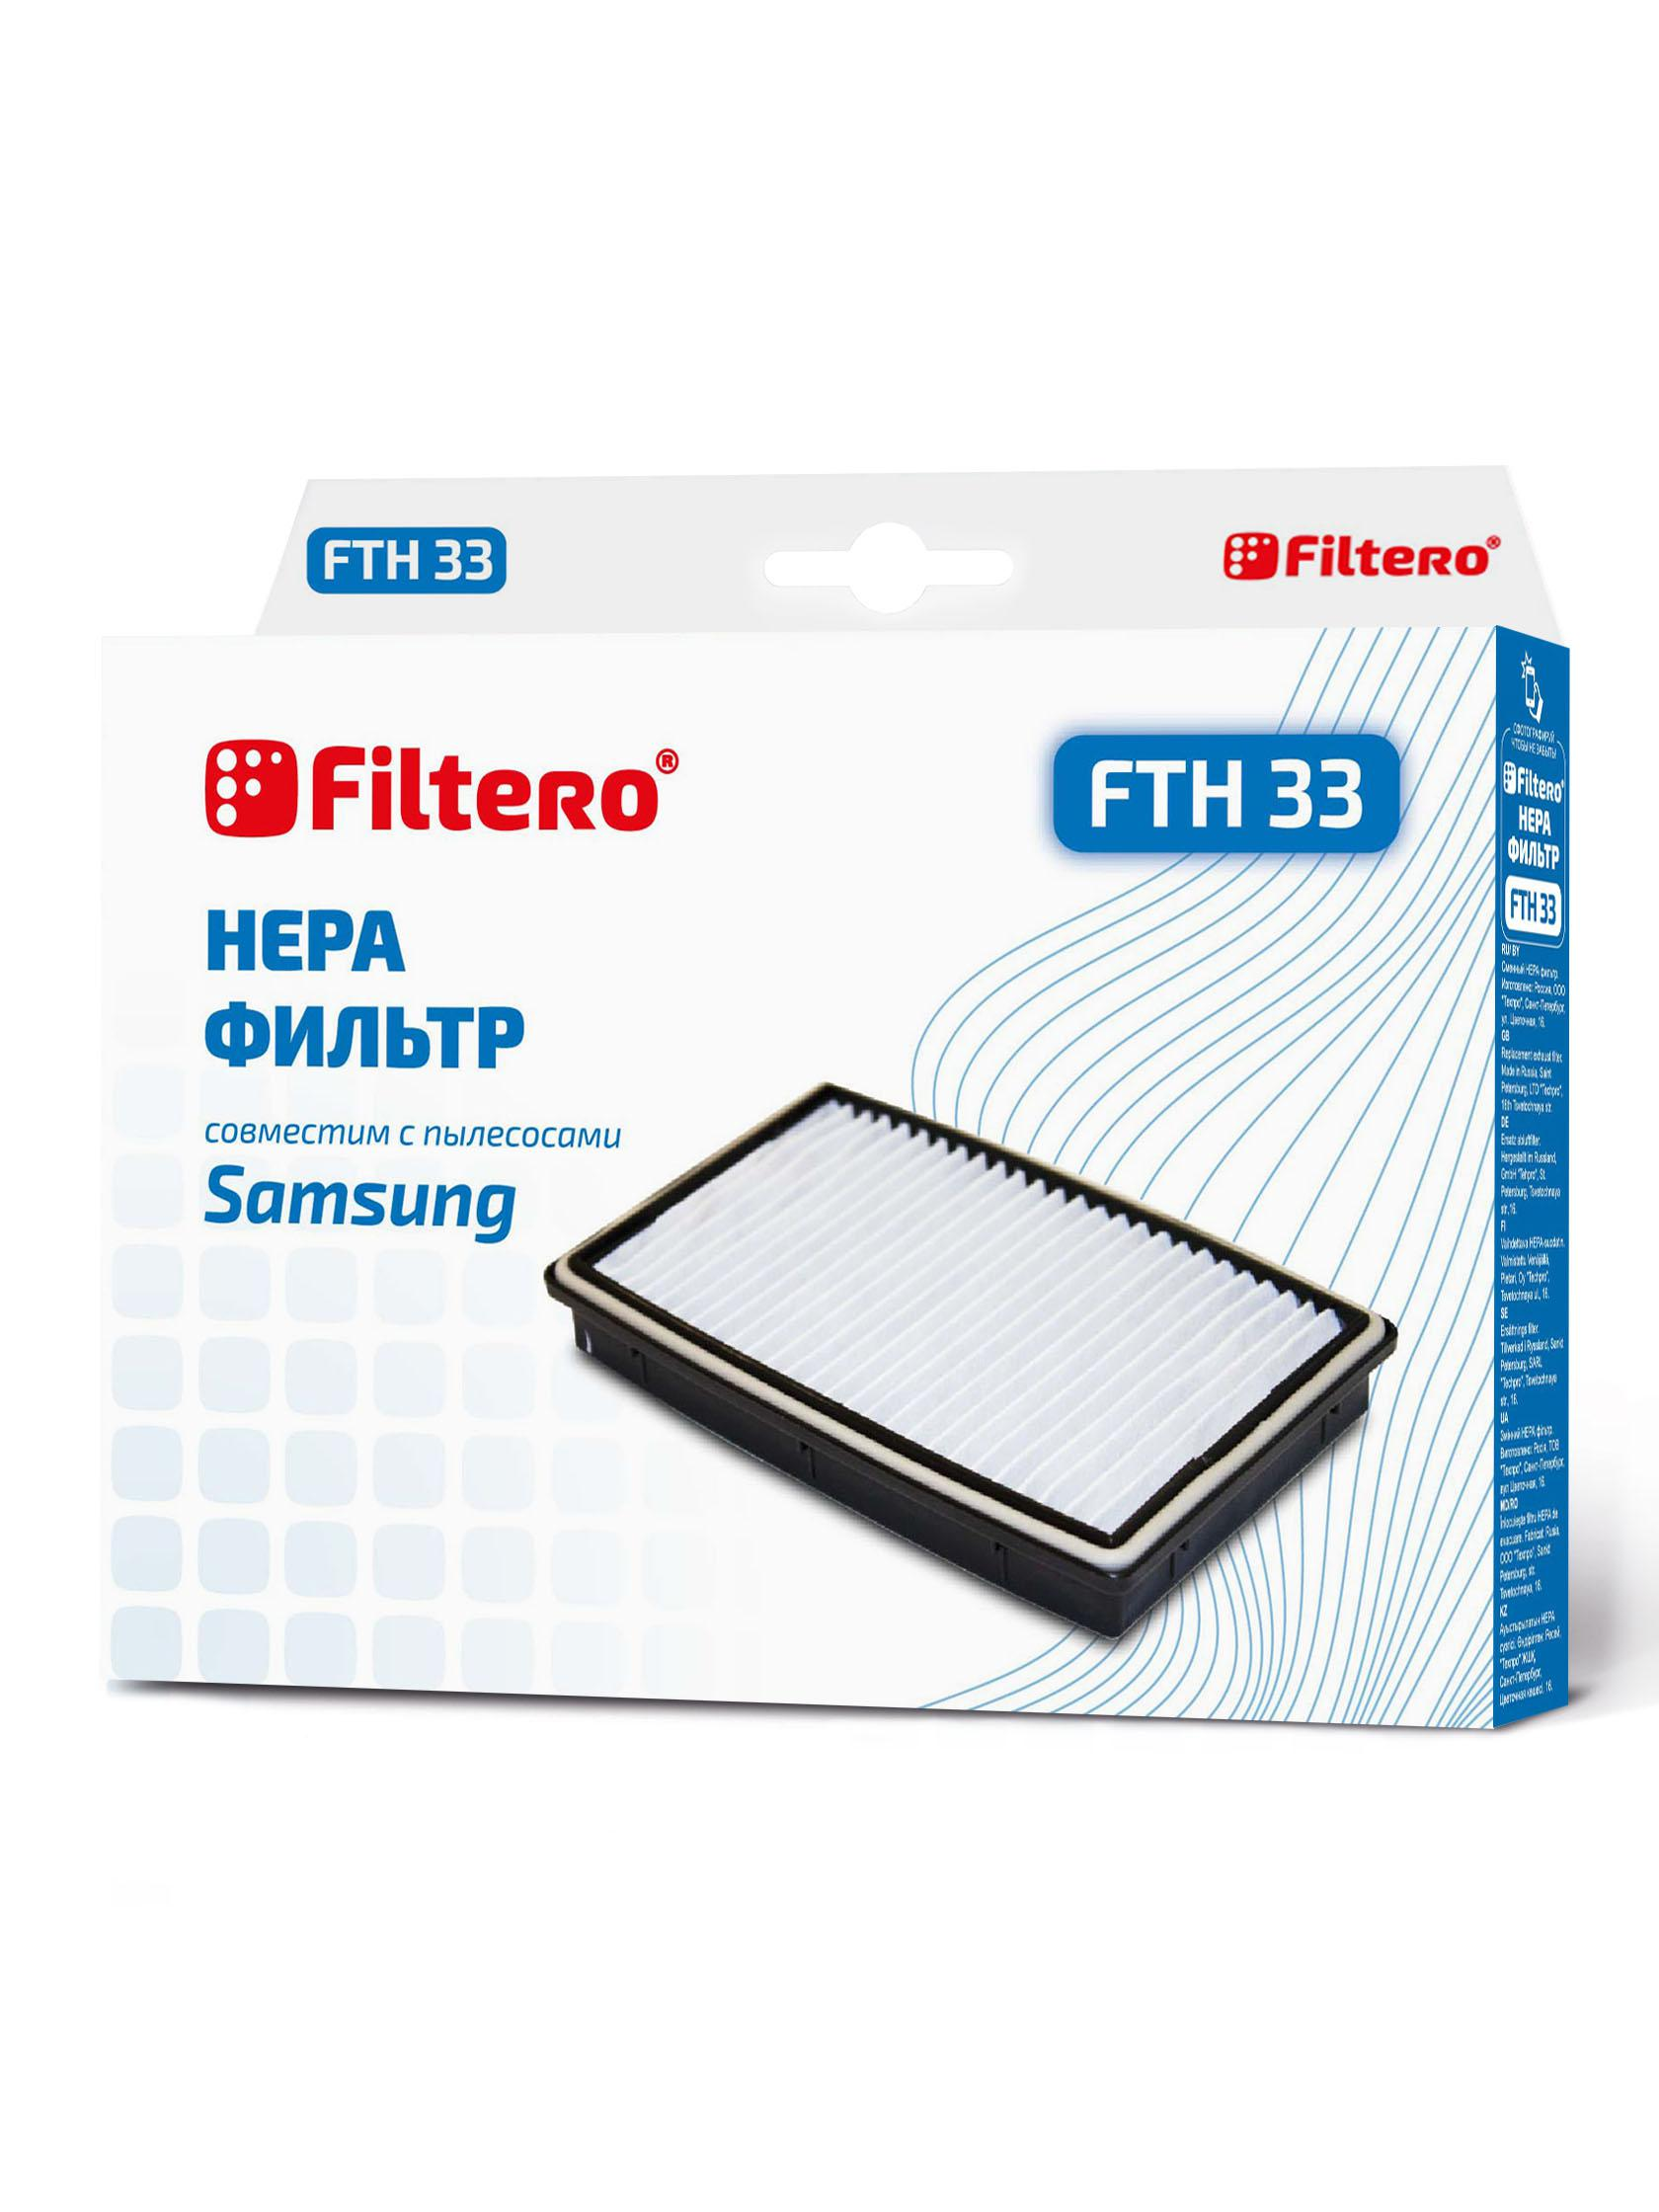 Фильтр Filtero Fth 33 hepa